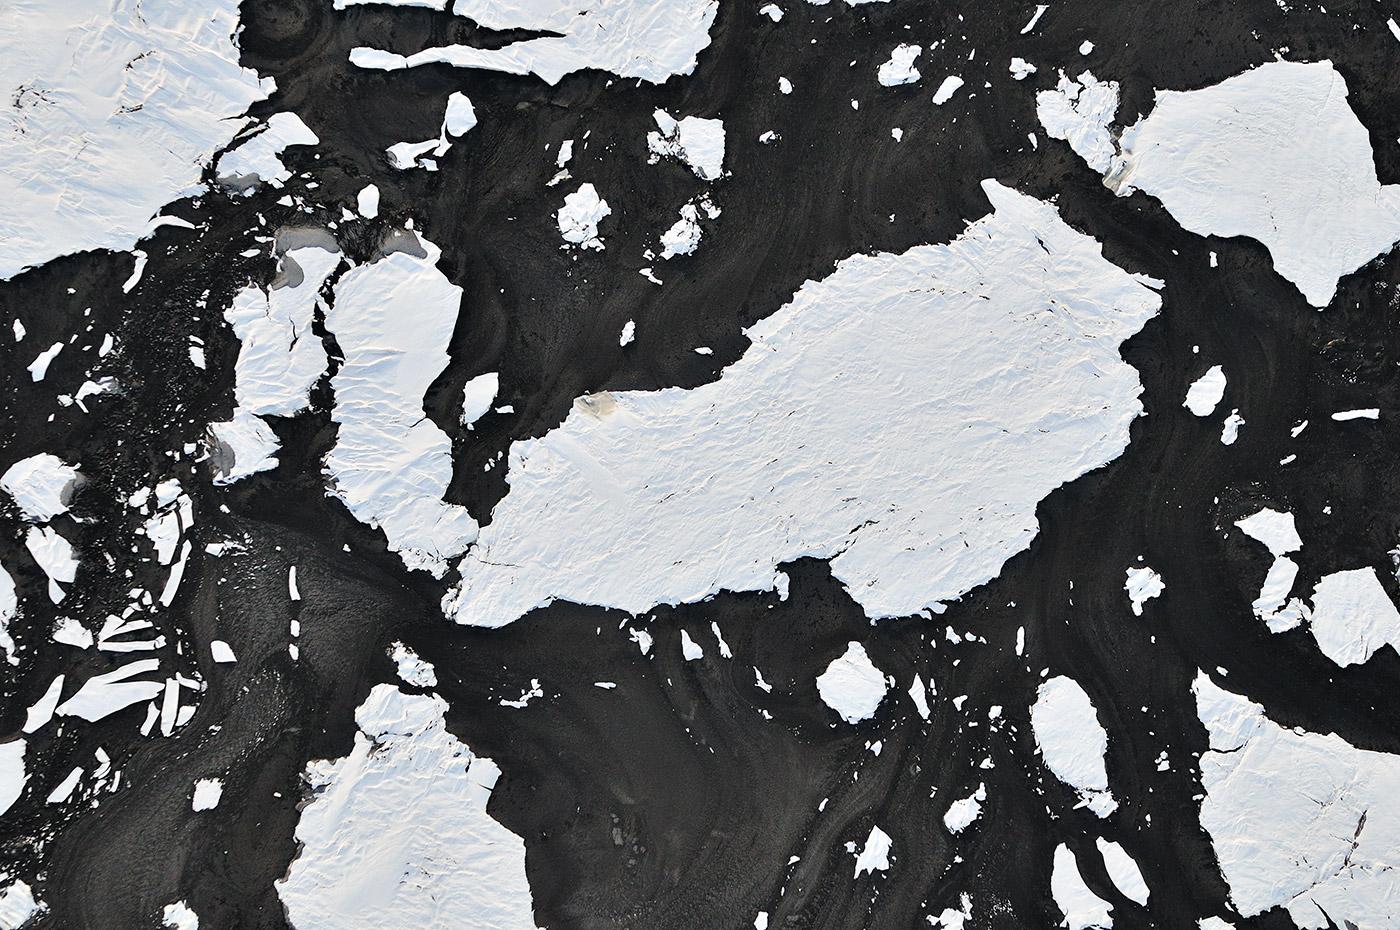 Frozen-Snow-Floes-in-Bitumen-F0030170-Louis-Helbig-Alberta-Oil-Tar-Sands.jpg.1